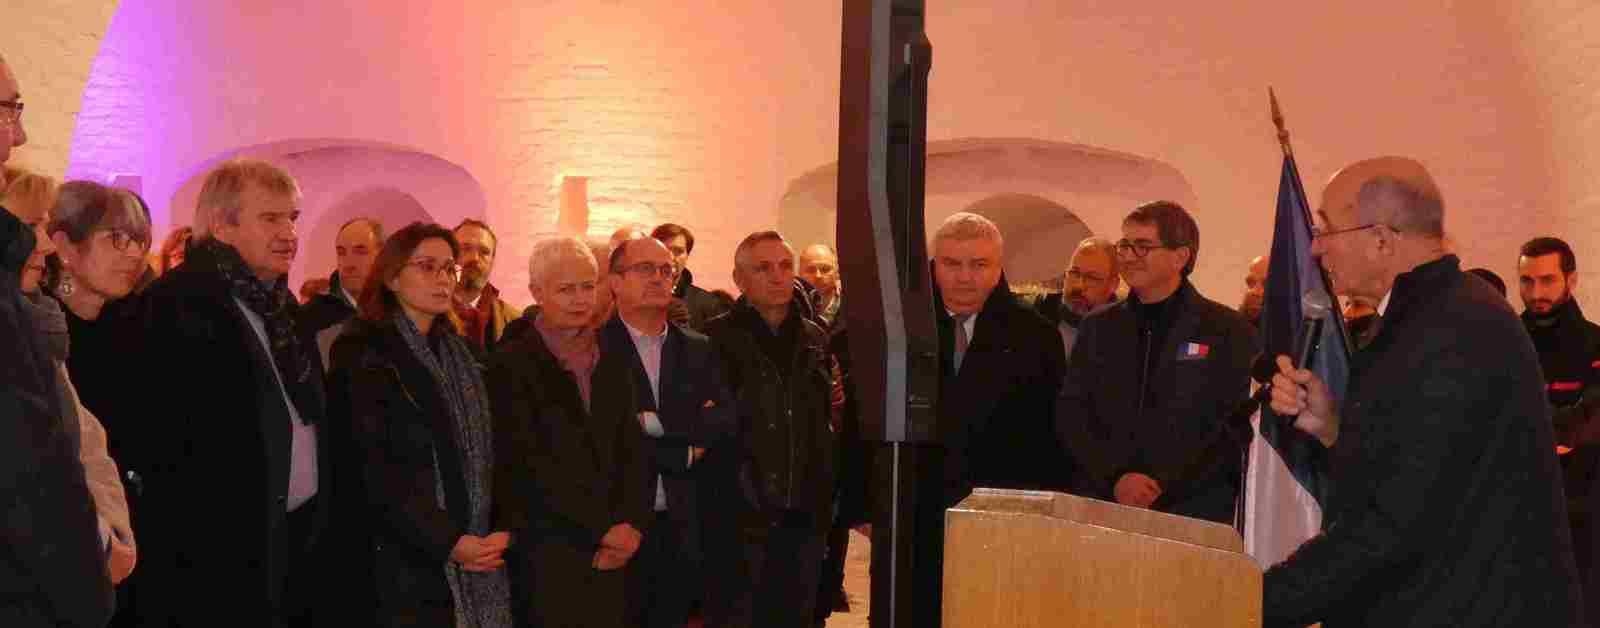 Présentation de l'historique des lieux, ainsi que prise de parole par M. Jean Rottner,  Mme Brigitte Klinker, M. Eric Straumann.